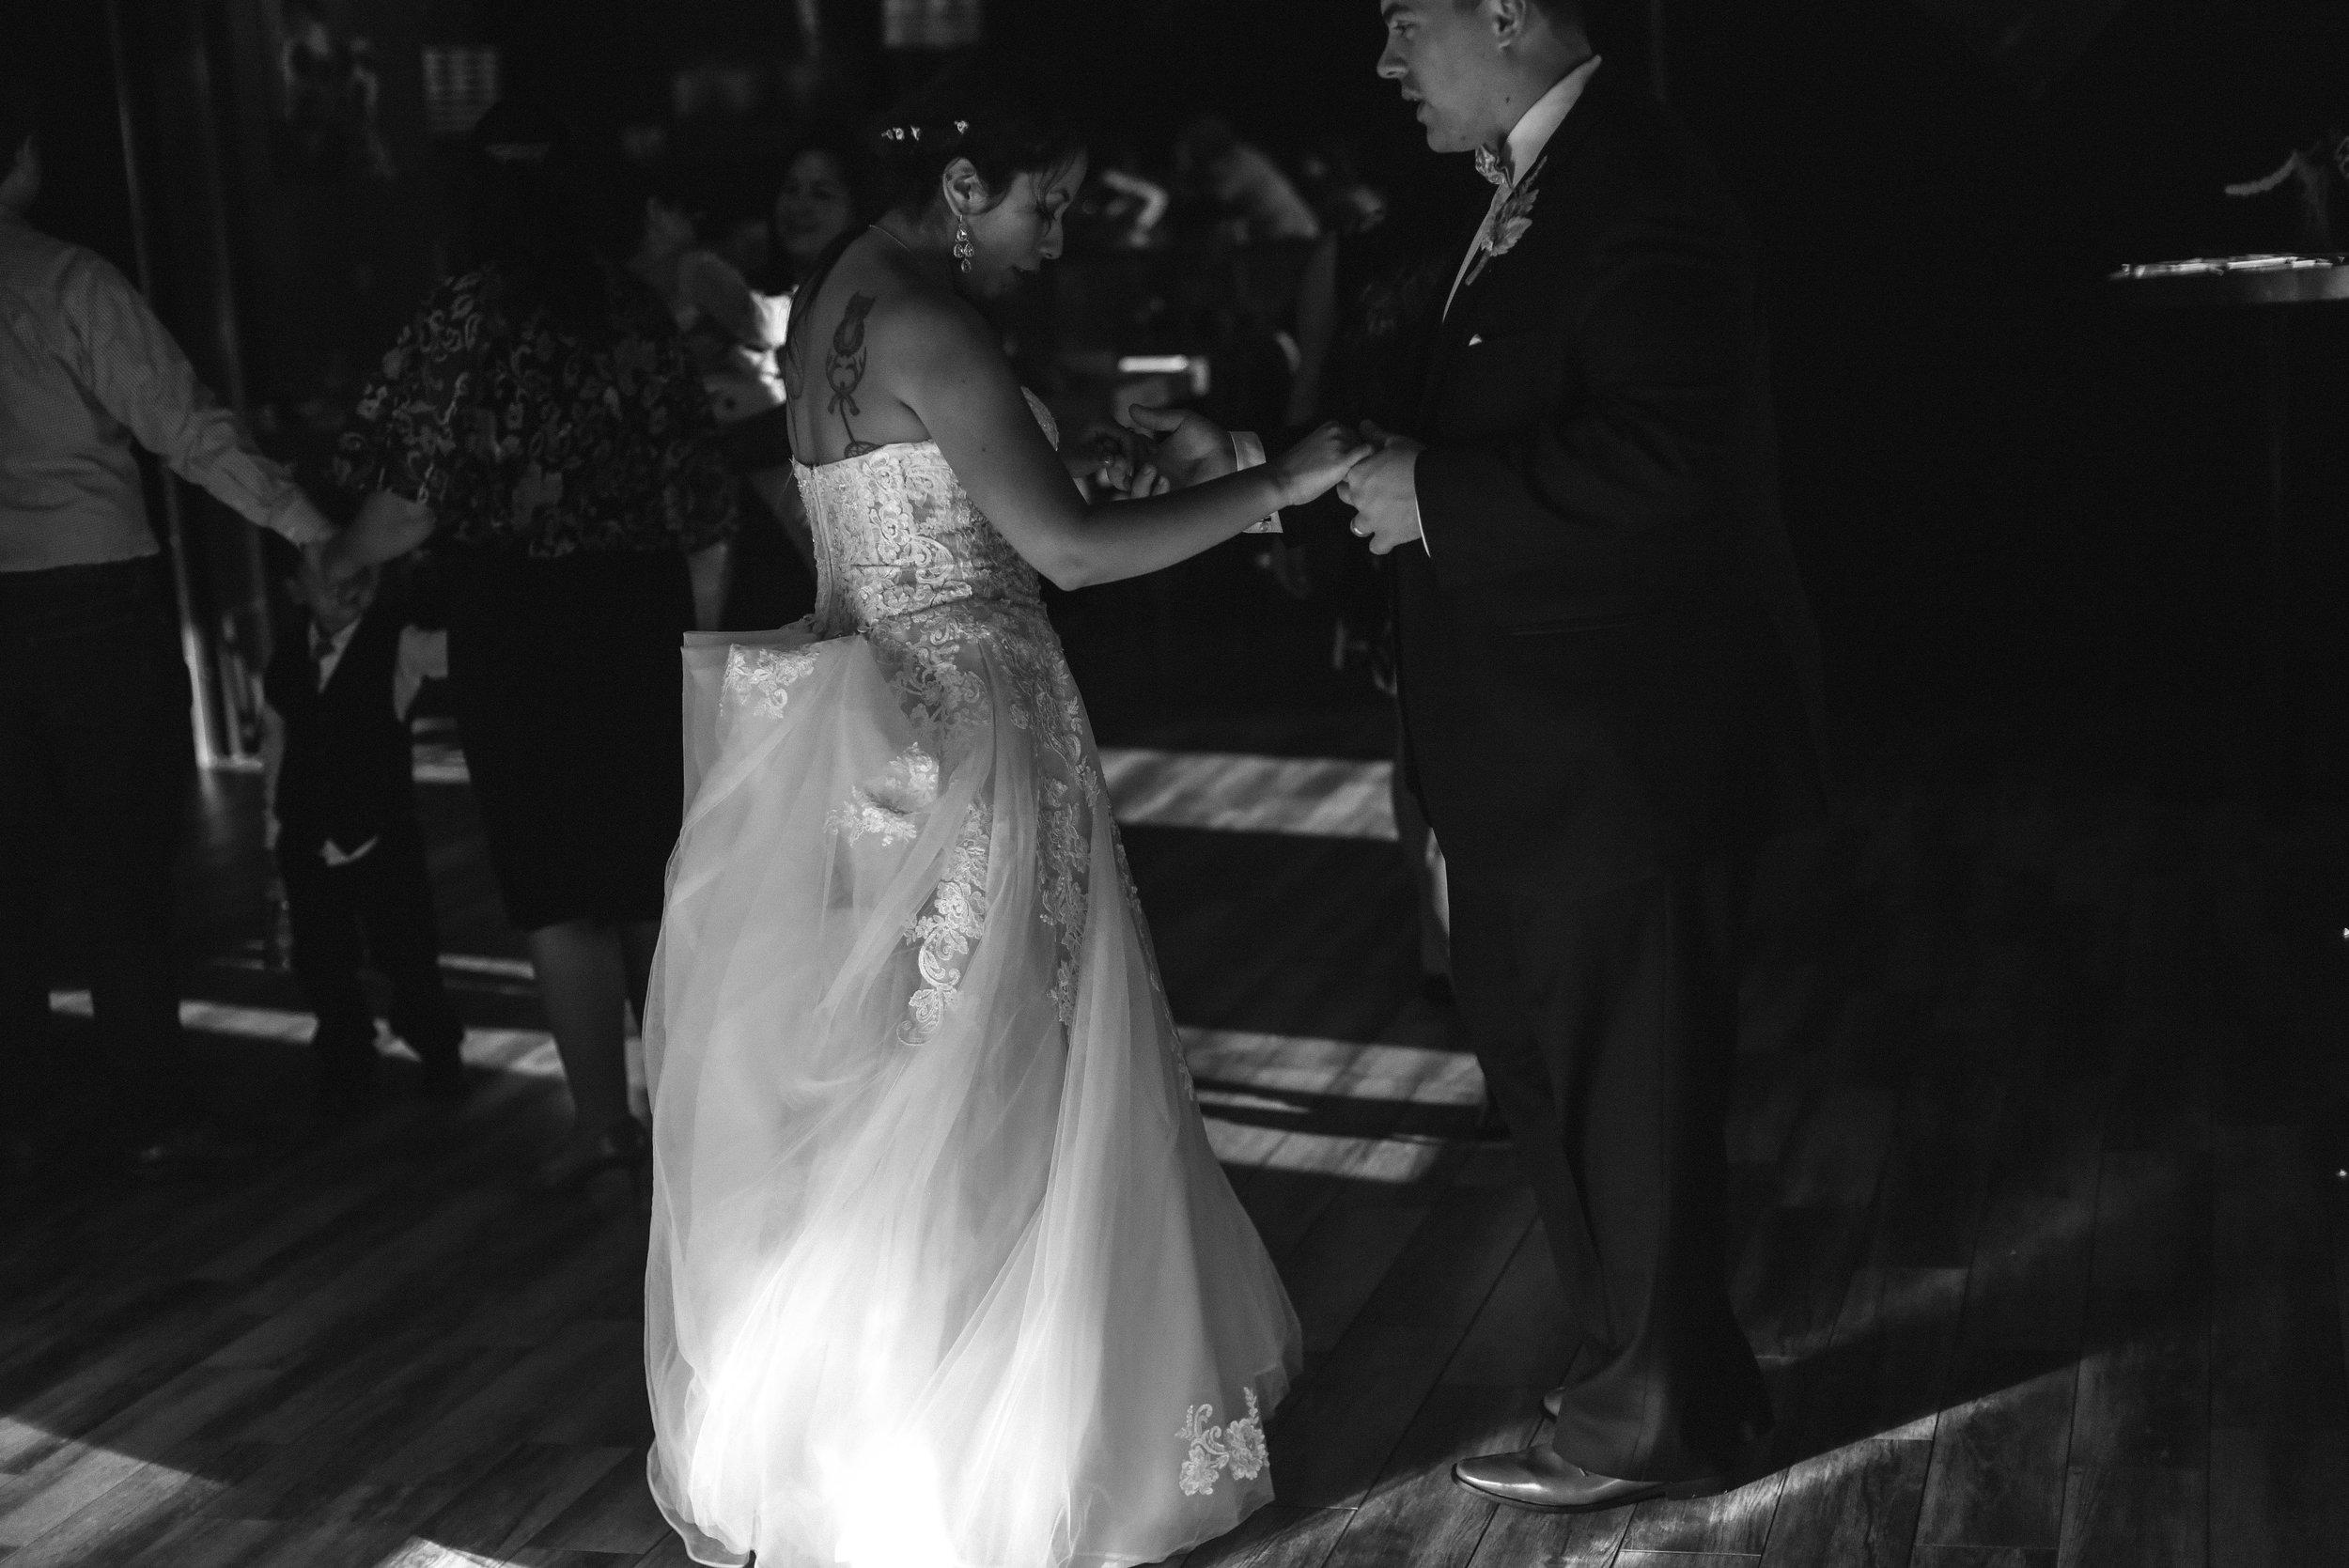 jailbreak_wedding_reception_laurel_md-50.jpg